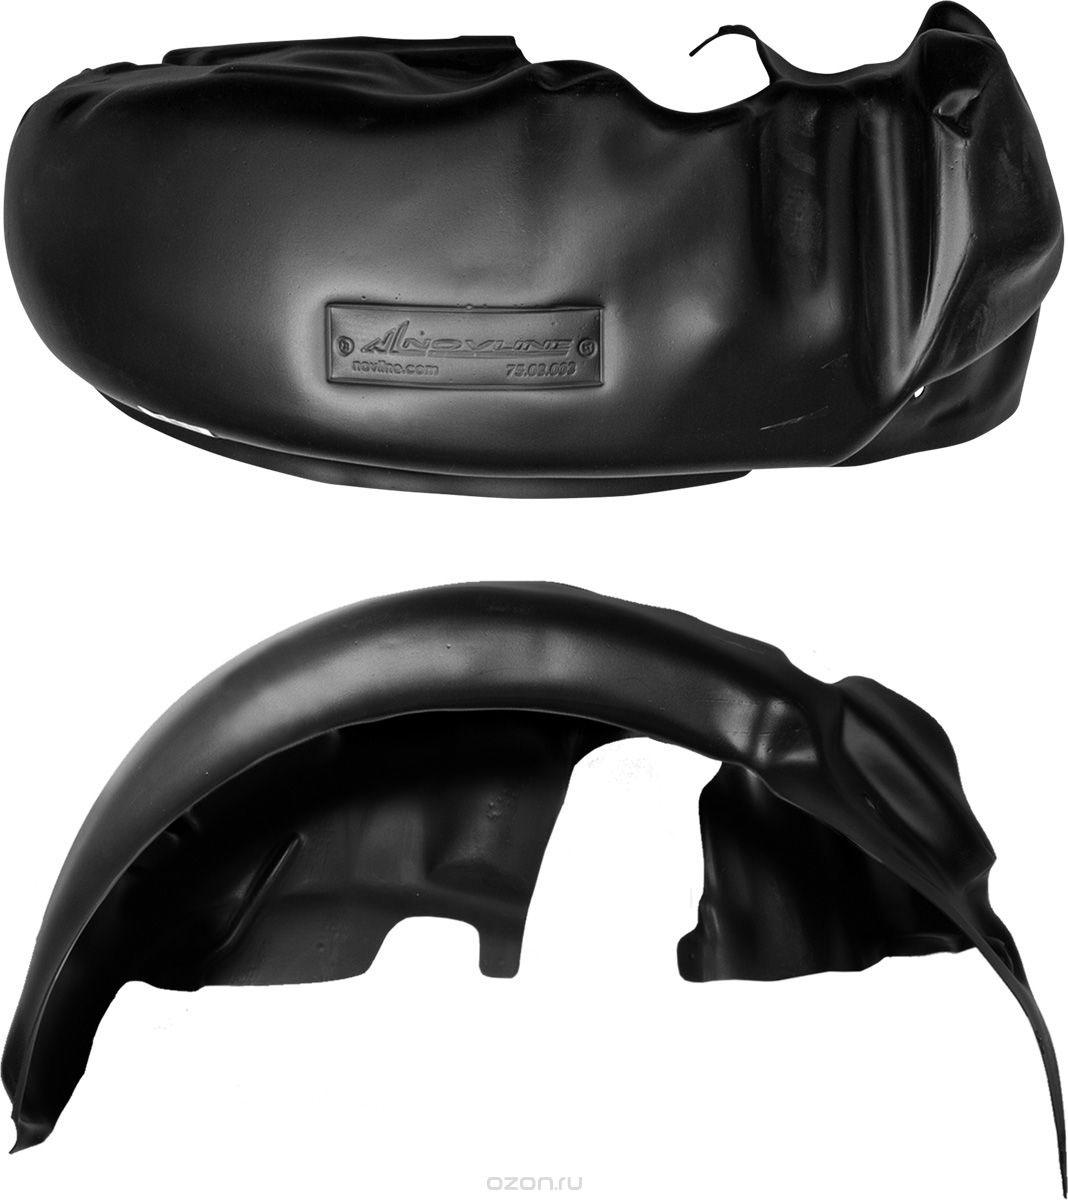 Подкрылок Novline-Autofamily, для Tagaz Vortex Tingo, 2011-2014, кроссовер, передний правыйNLL.77.06.002Идеальная защита колесной ниши. Локеры разработаны с применением цифровых технологий, гарантируют максимальную повторяемость поверхности арки. Изделия устанавливаются без нарушения лакокрасочного покрытия автомобиля, каждый подкрылок комплектуется крепежом. Уважаемые клиенты, обращаем ваше внимание, что фотографии на подкрылки универсальные и не отражают реальную форму изделия. При этом само изделие идет точно под размер указанного автомобиля.